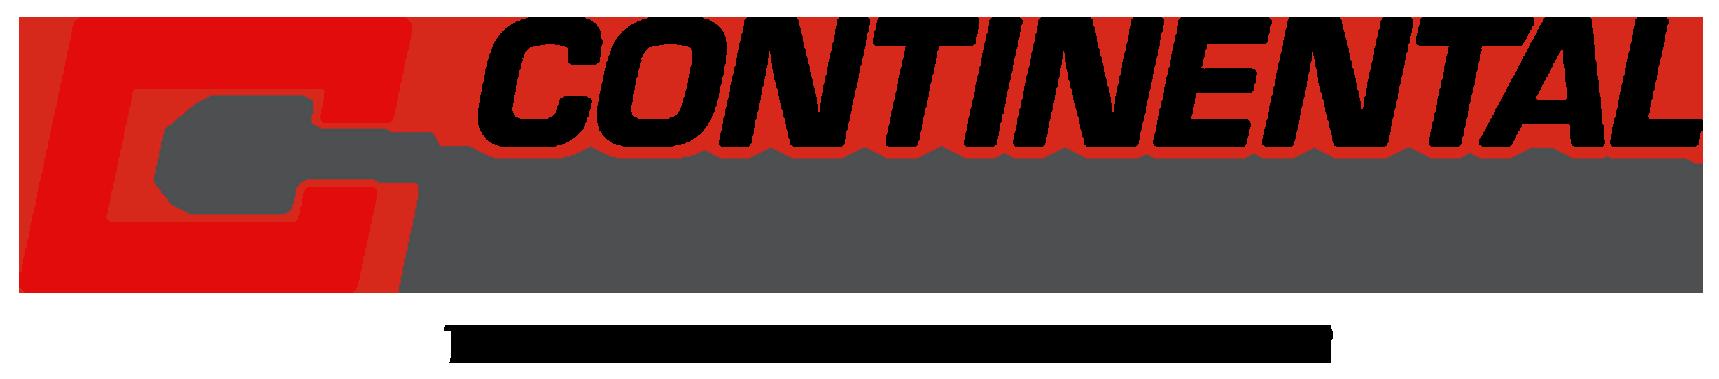 YAN165001-39510